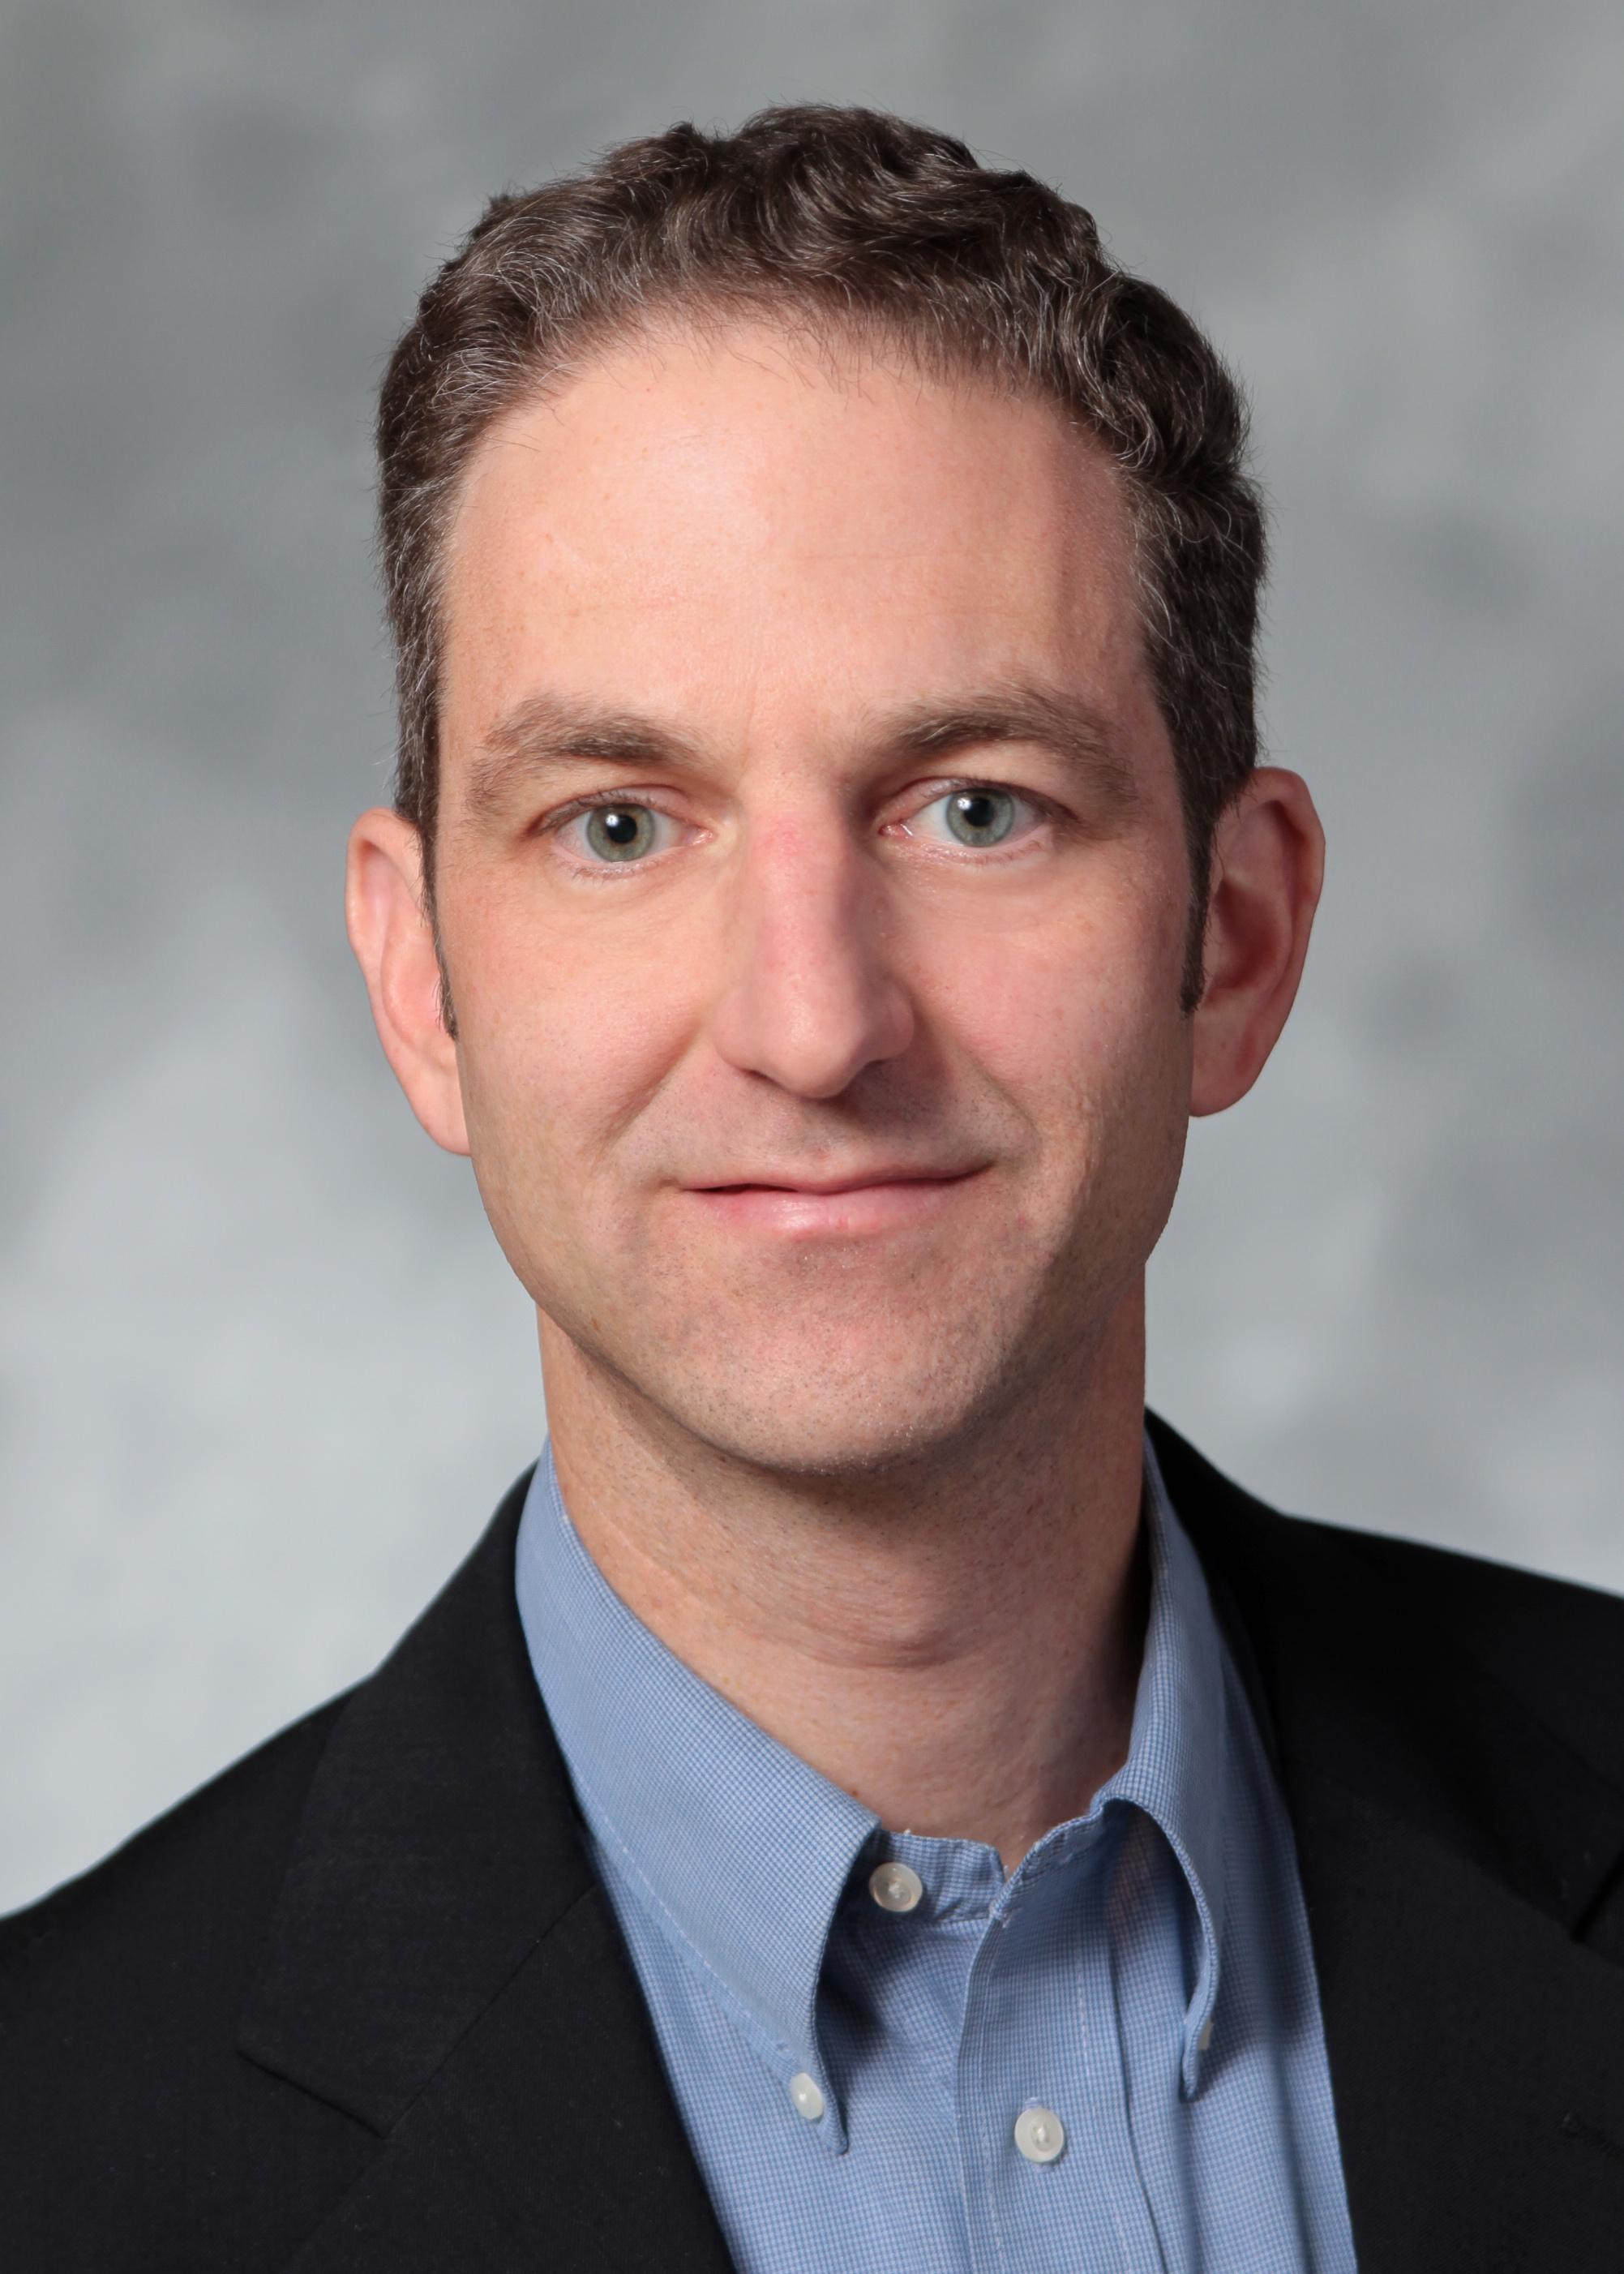 Joe Kalmar